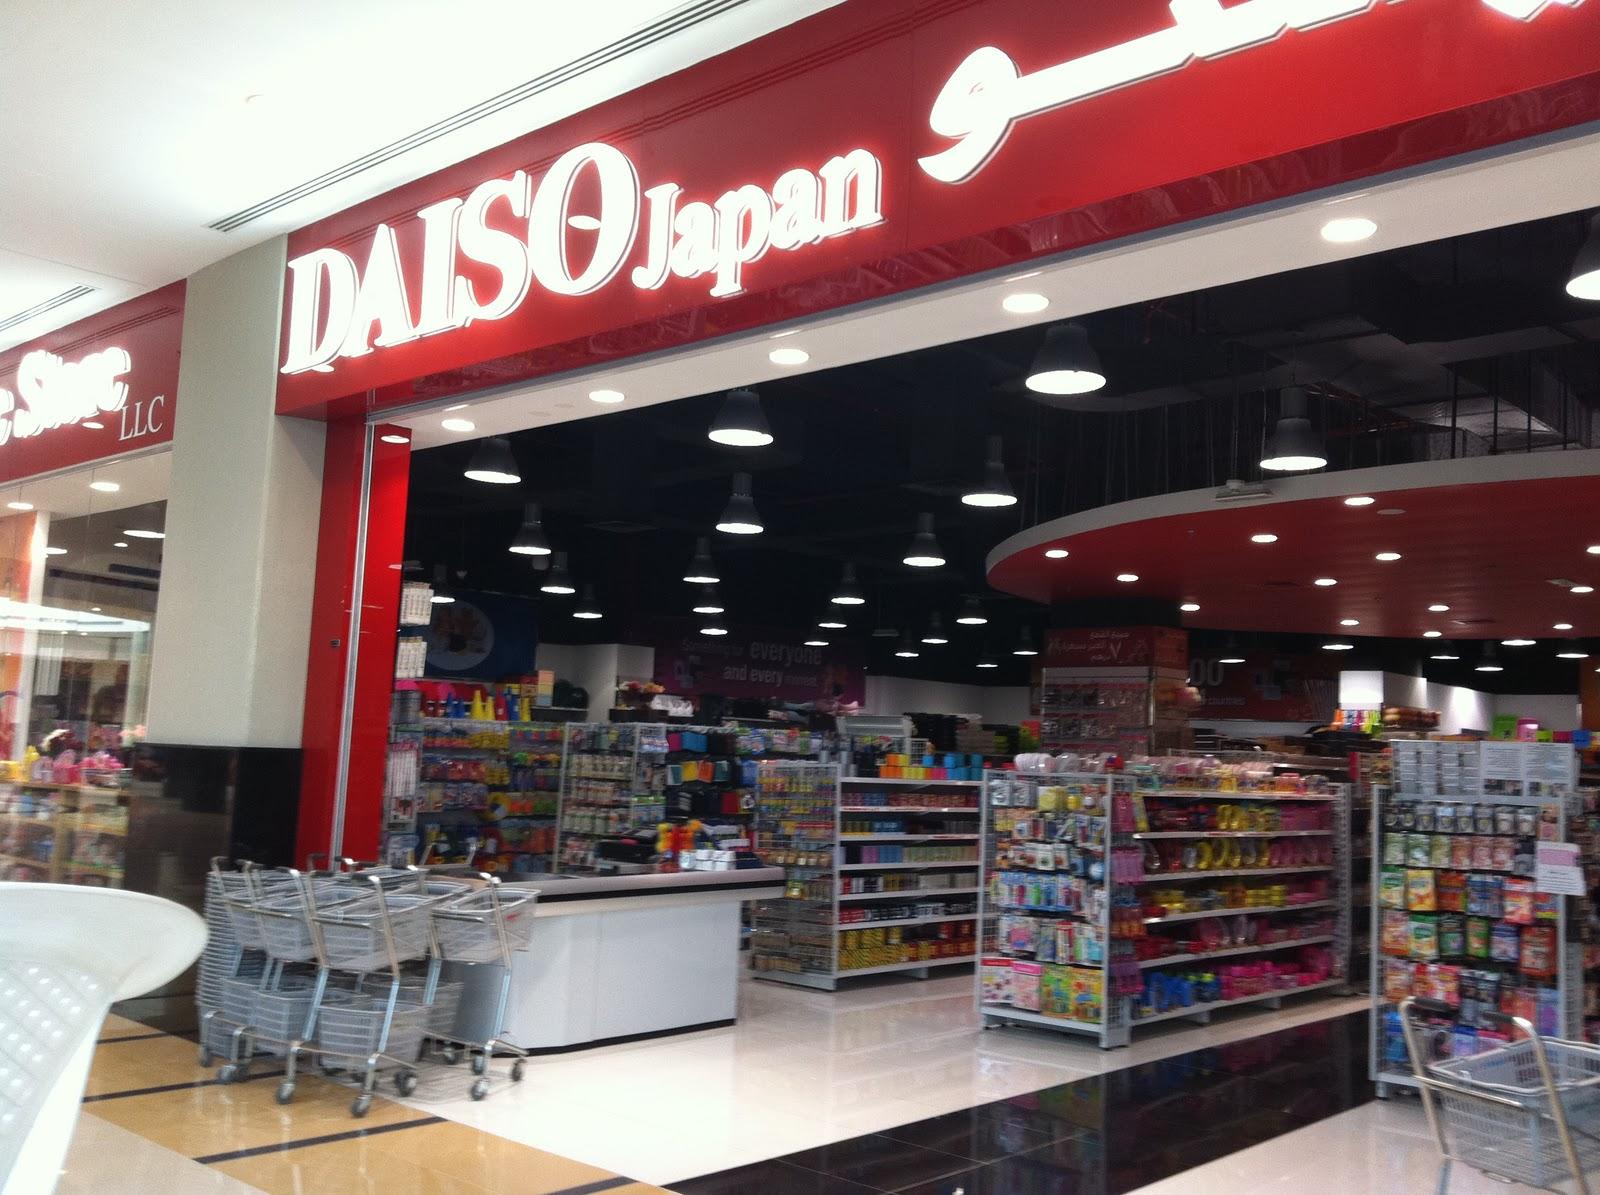 To buy or not du bai daiso Home box furniture oasis center dubai